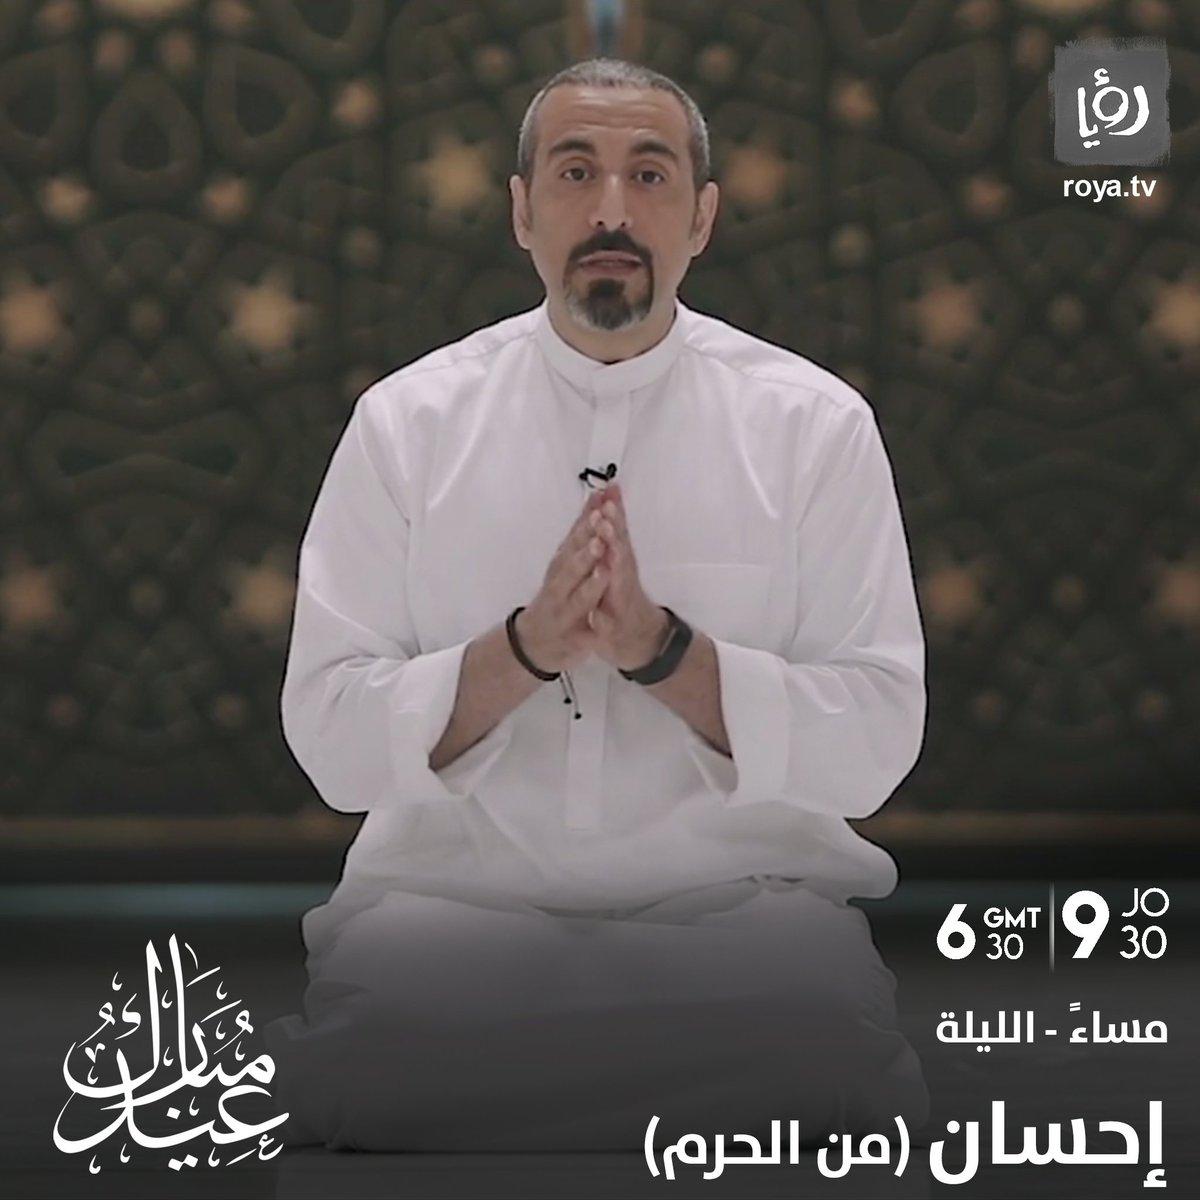 فيلم يحكي قصة جهد عظيم يبذل في خدمة زوار المسجد الحرام الليلة 9:30 مساءً على شاشتنا   #إحسان_من_الحرم